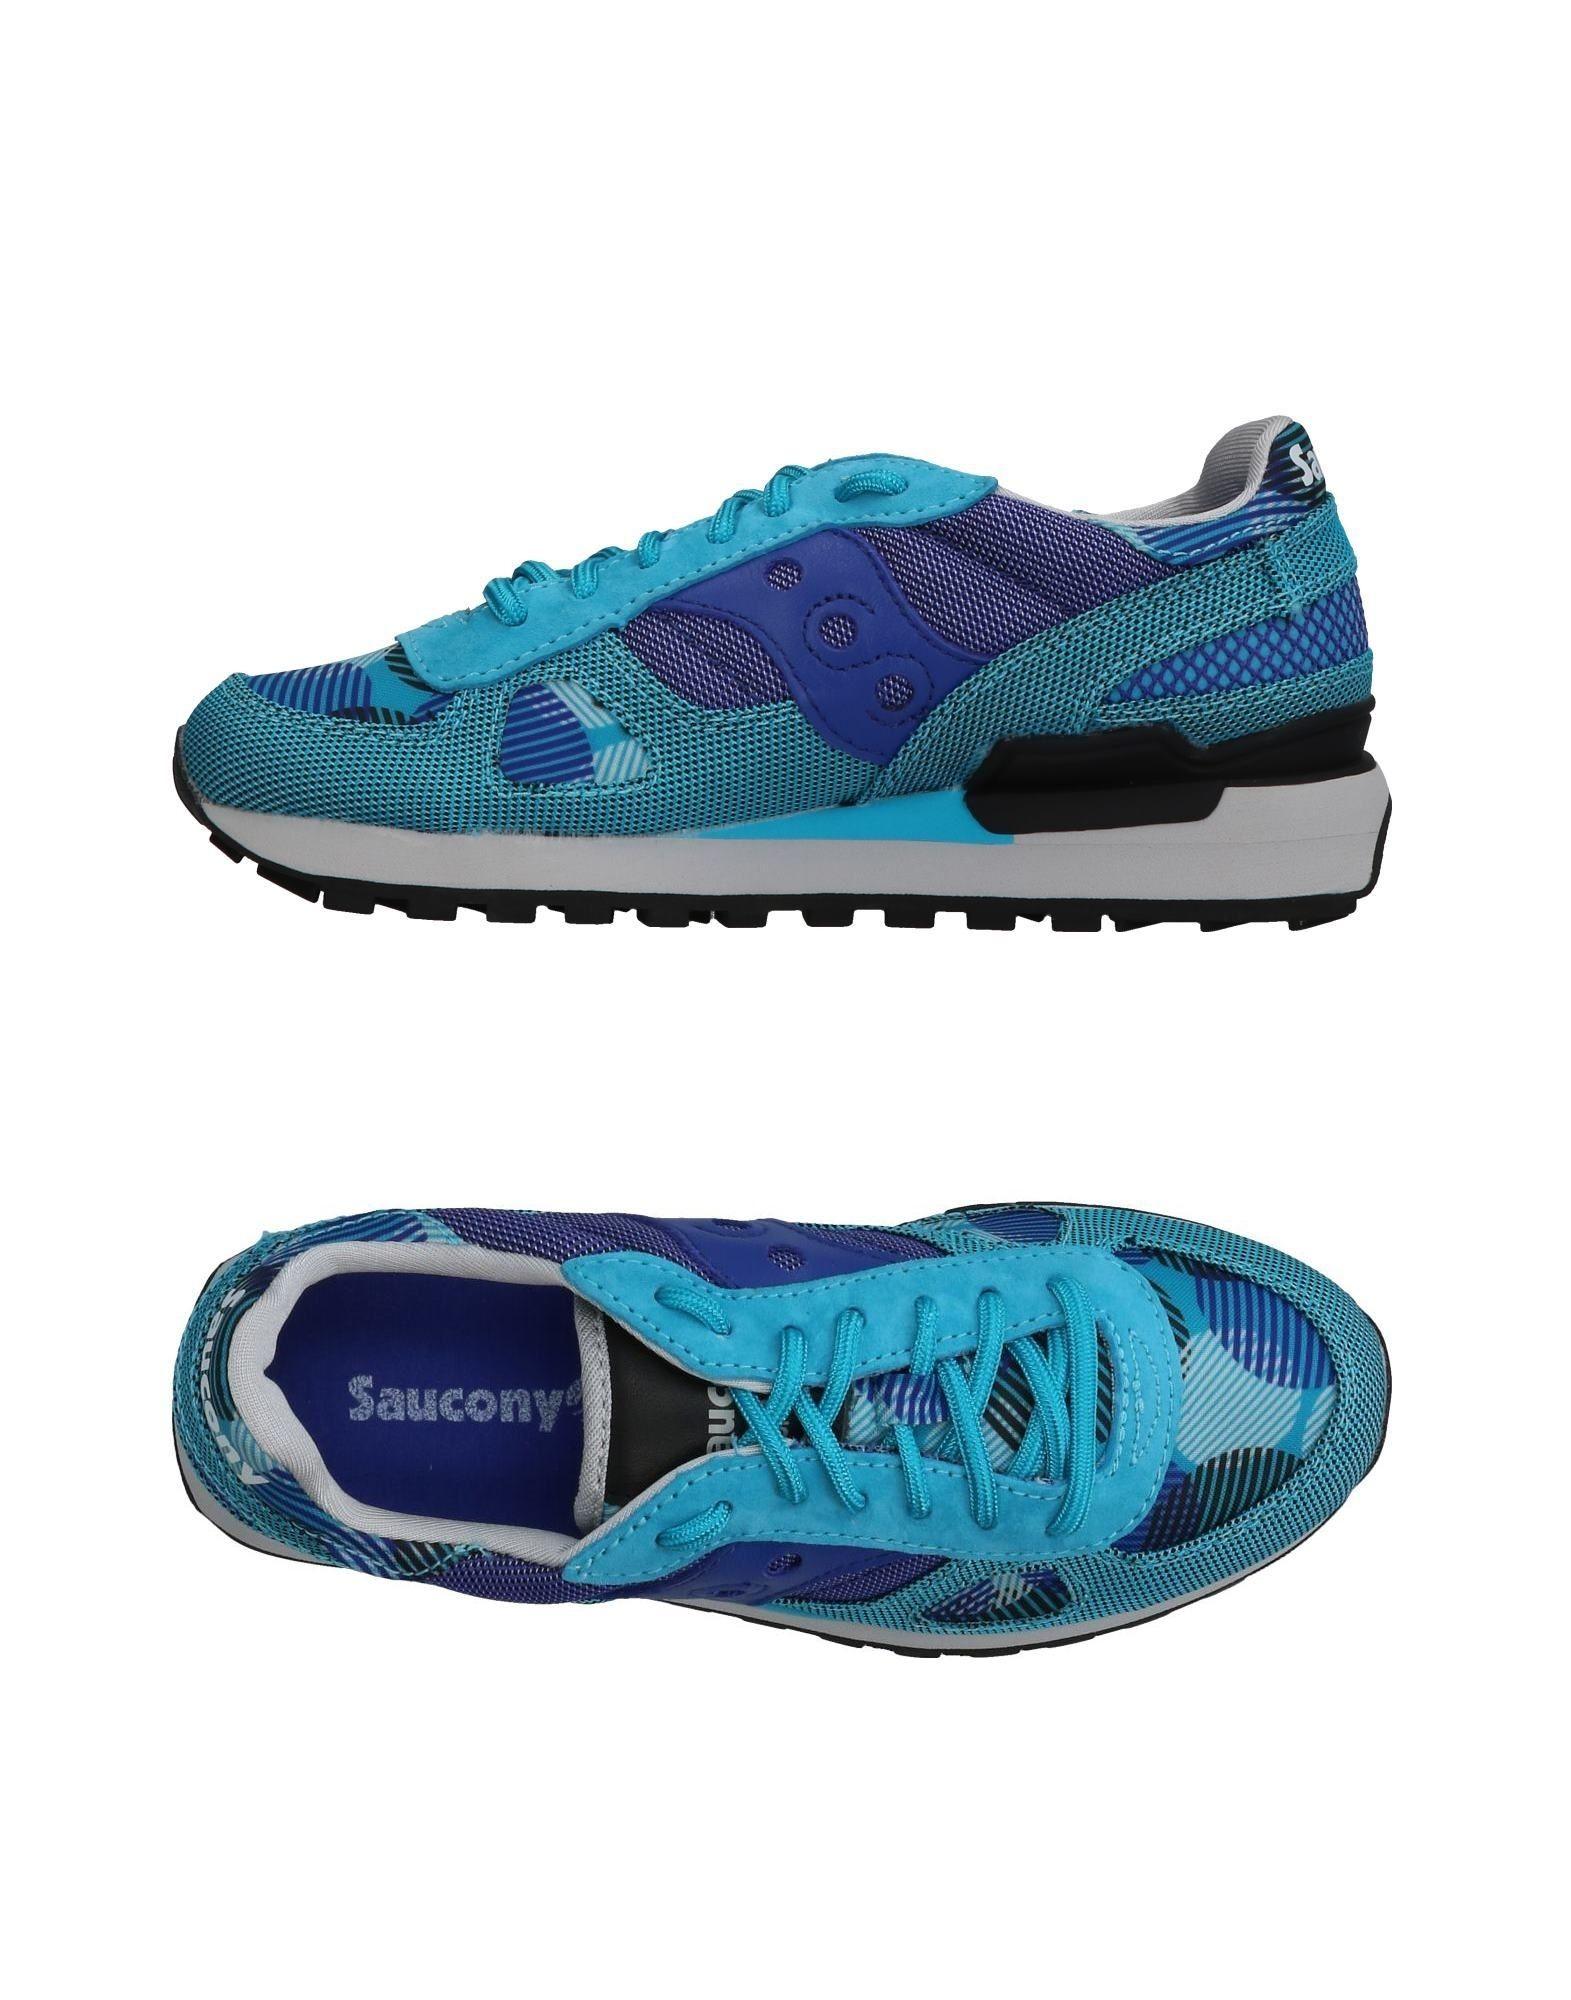 SAUCONY Низкие кеды и кроссовки кроссовки мужские saucony peregrine 7 arctic цвет синий s20397 1 размер 11 45